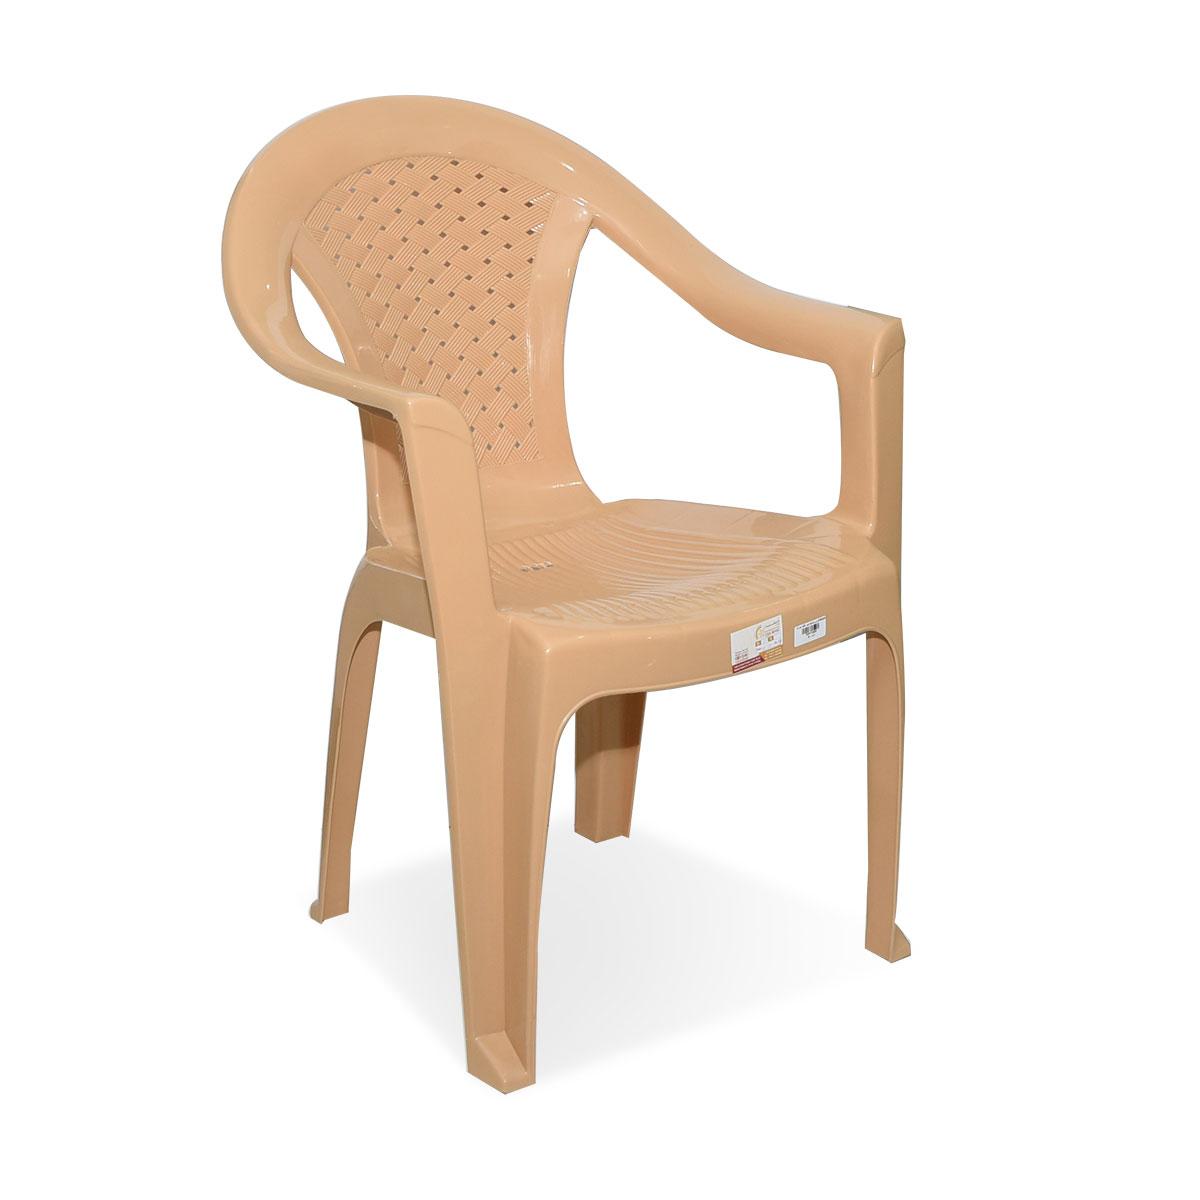 كرسي بلاستيك بذراعين لون بيج رقم FG3046